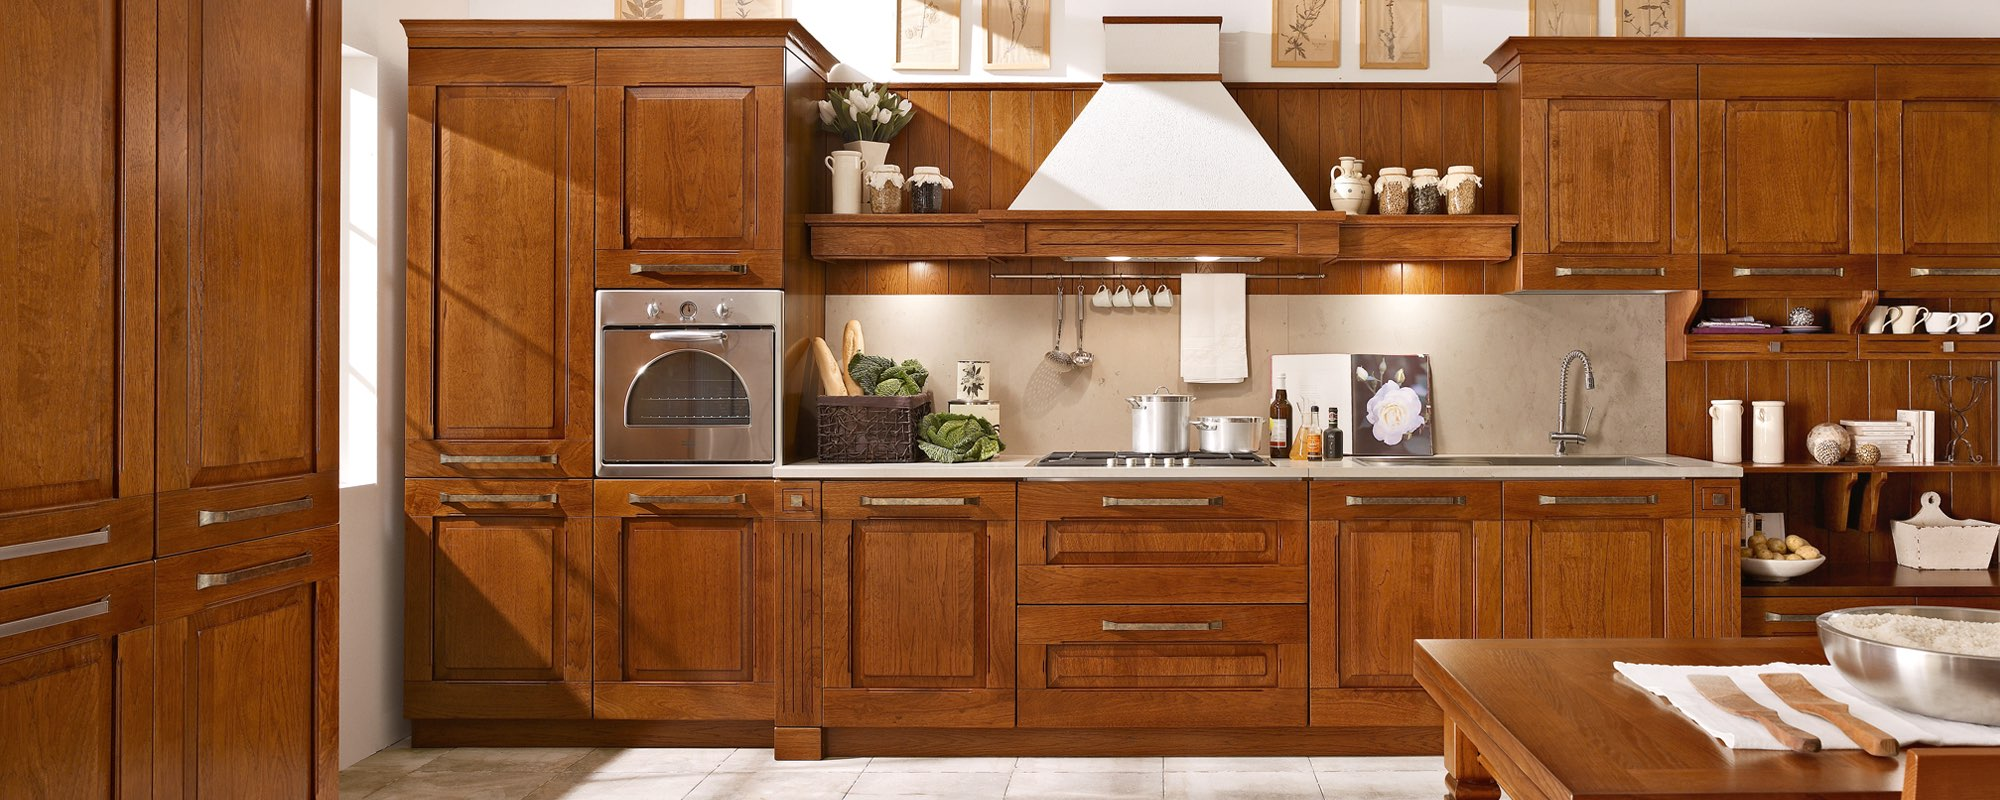 vista frontale di una cucina classica in legno con arredamento -Aida Stosa